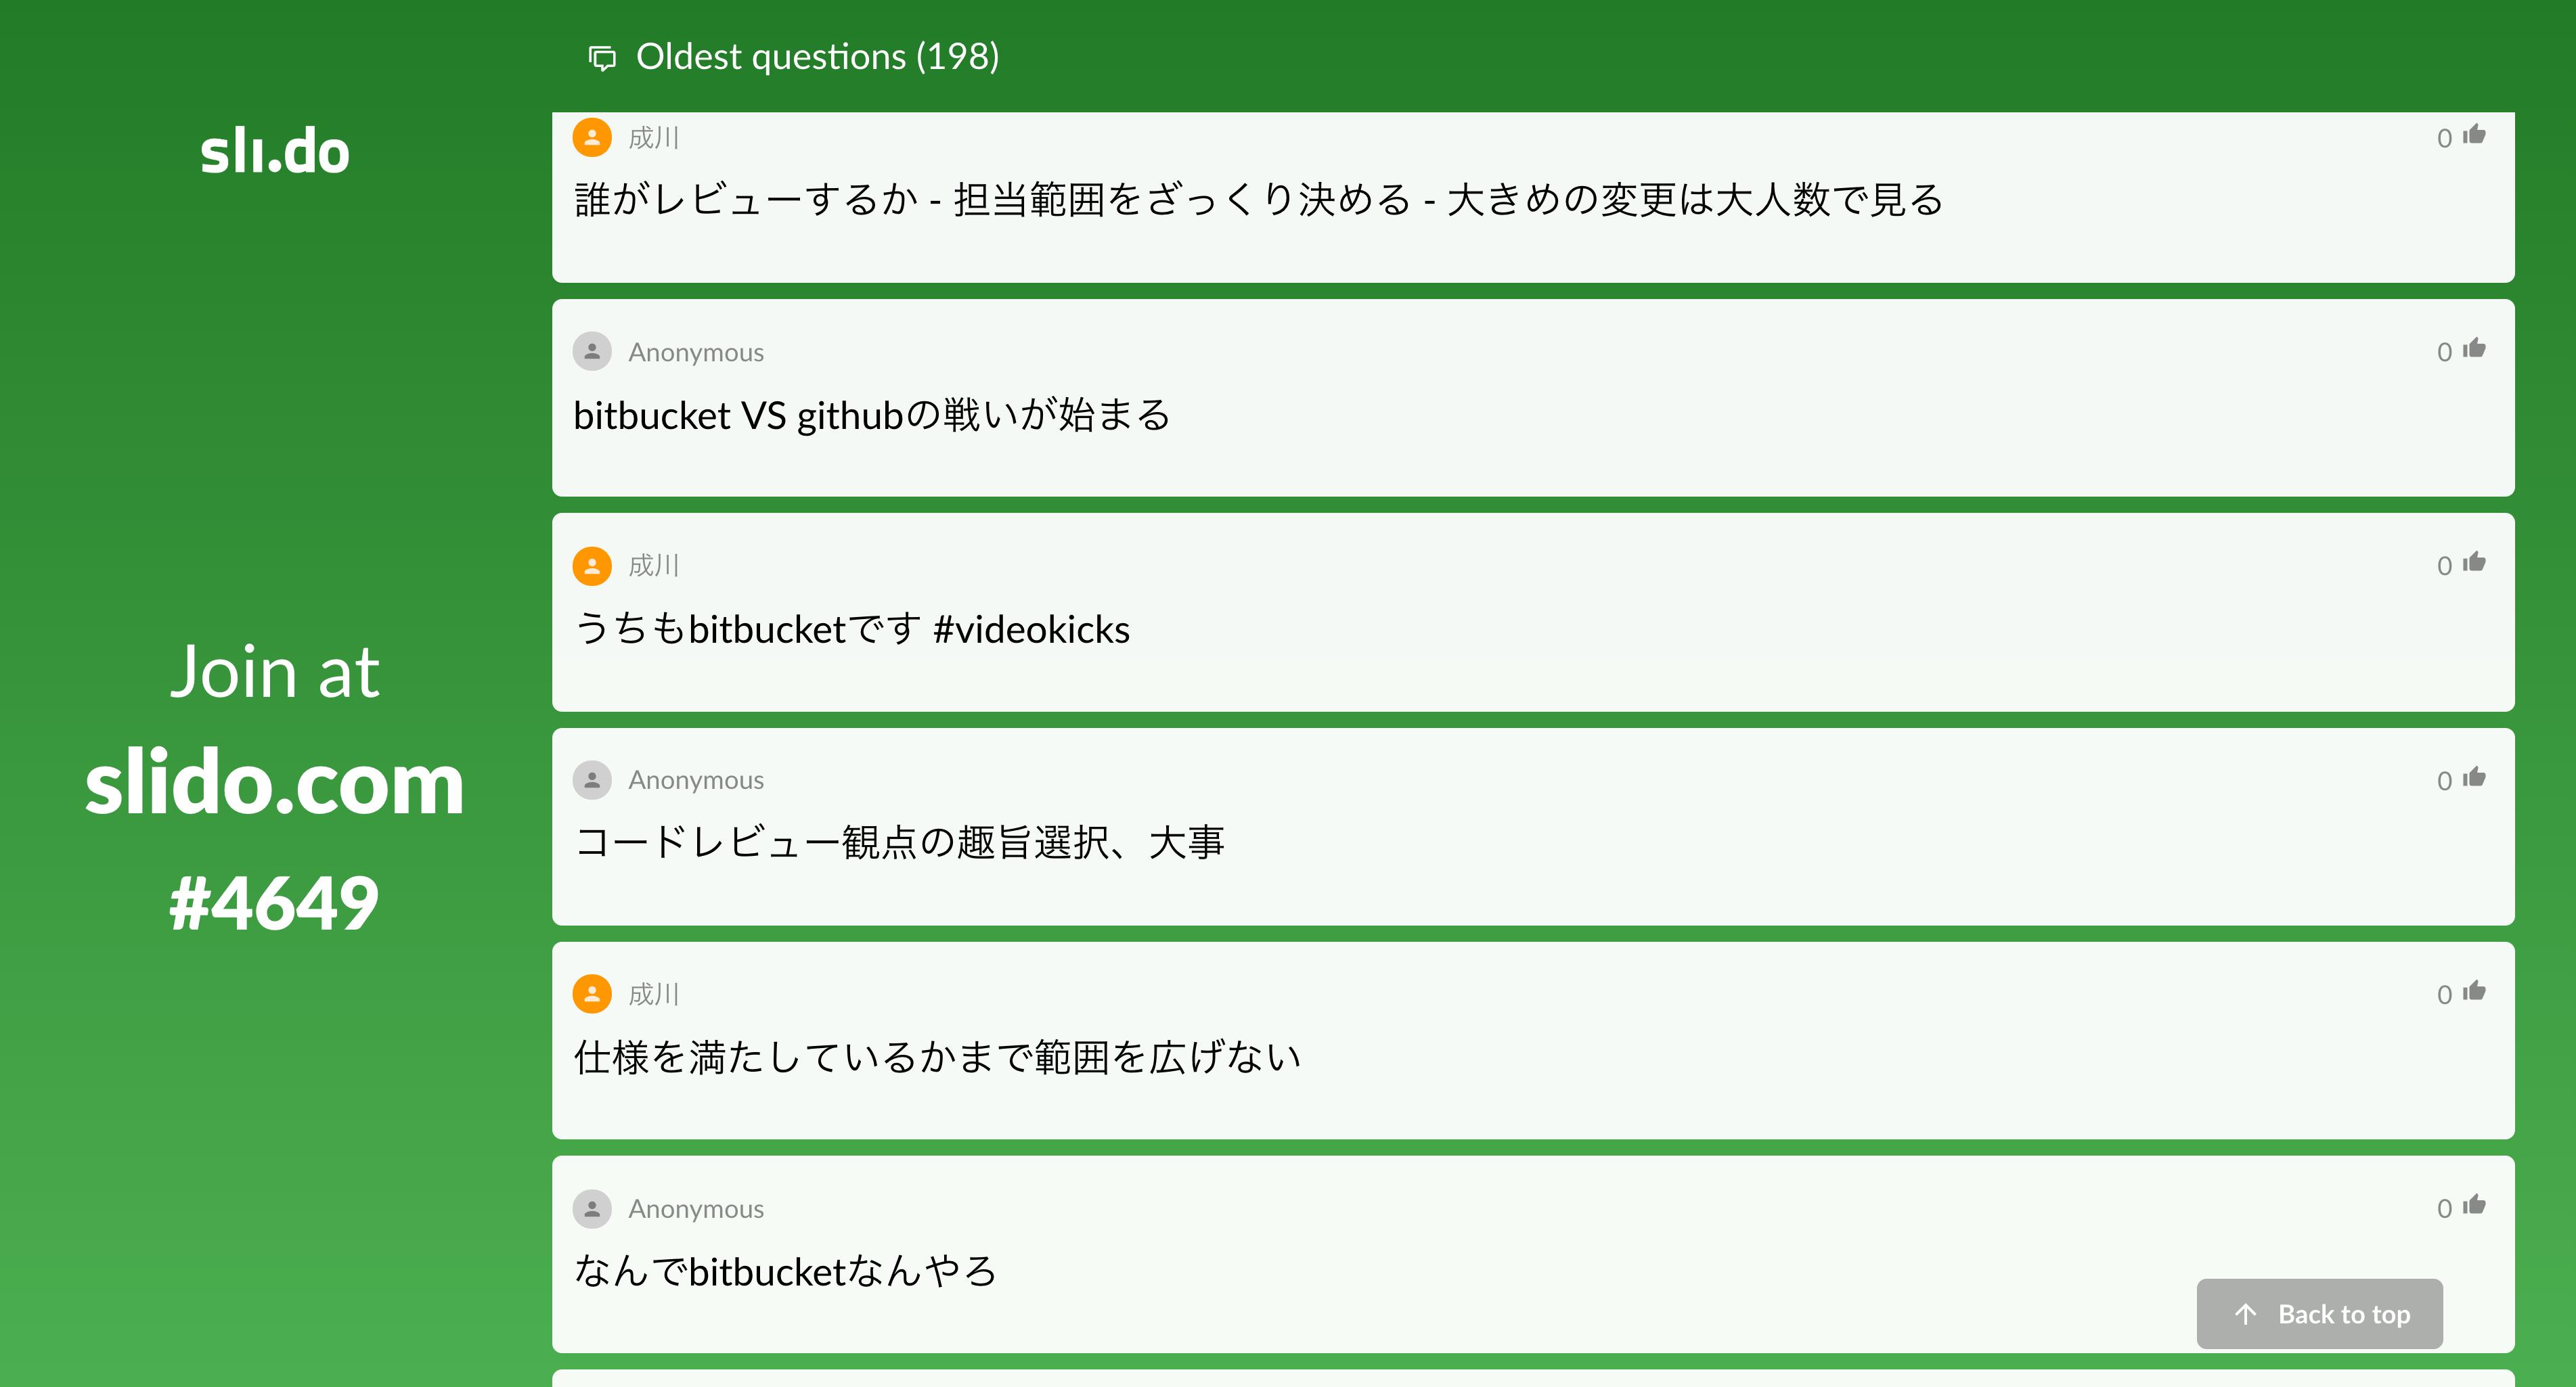 スクリーンショット 2019-06-21 12.32.56.png